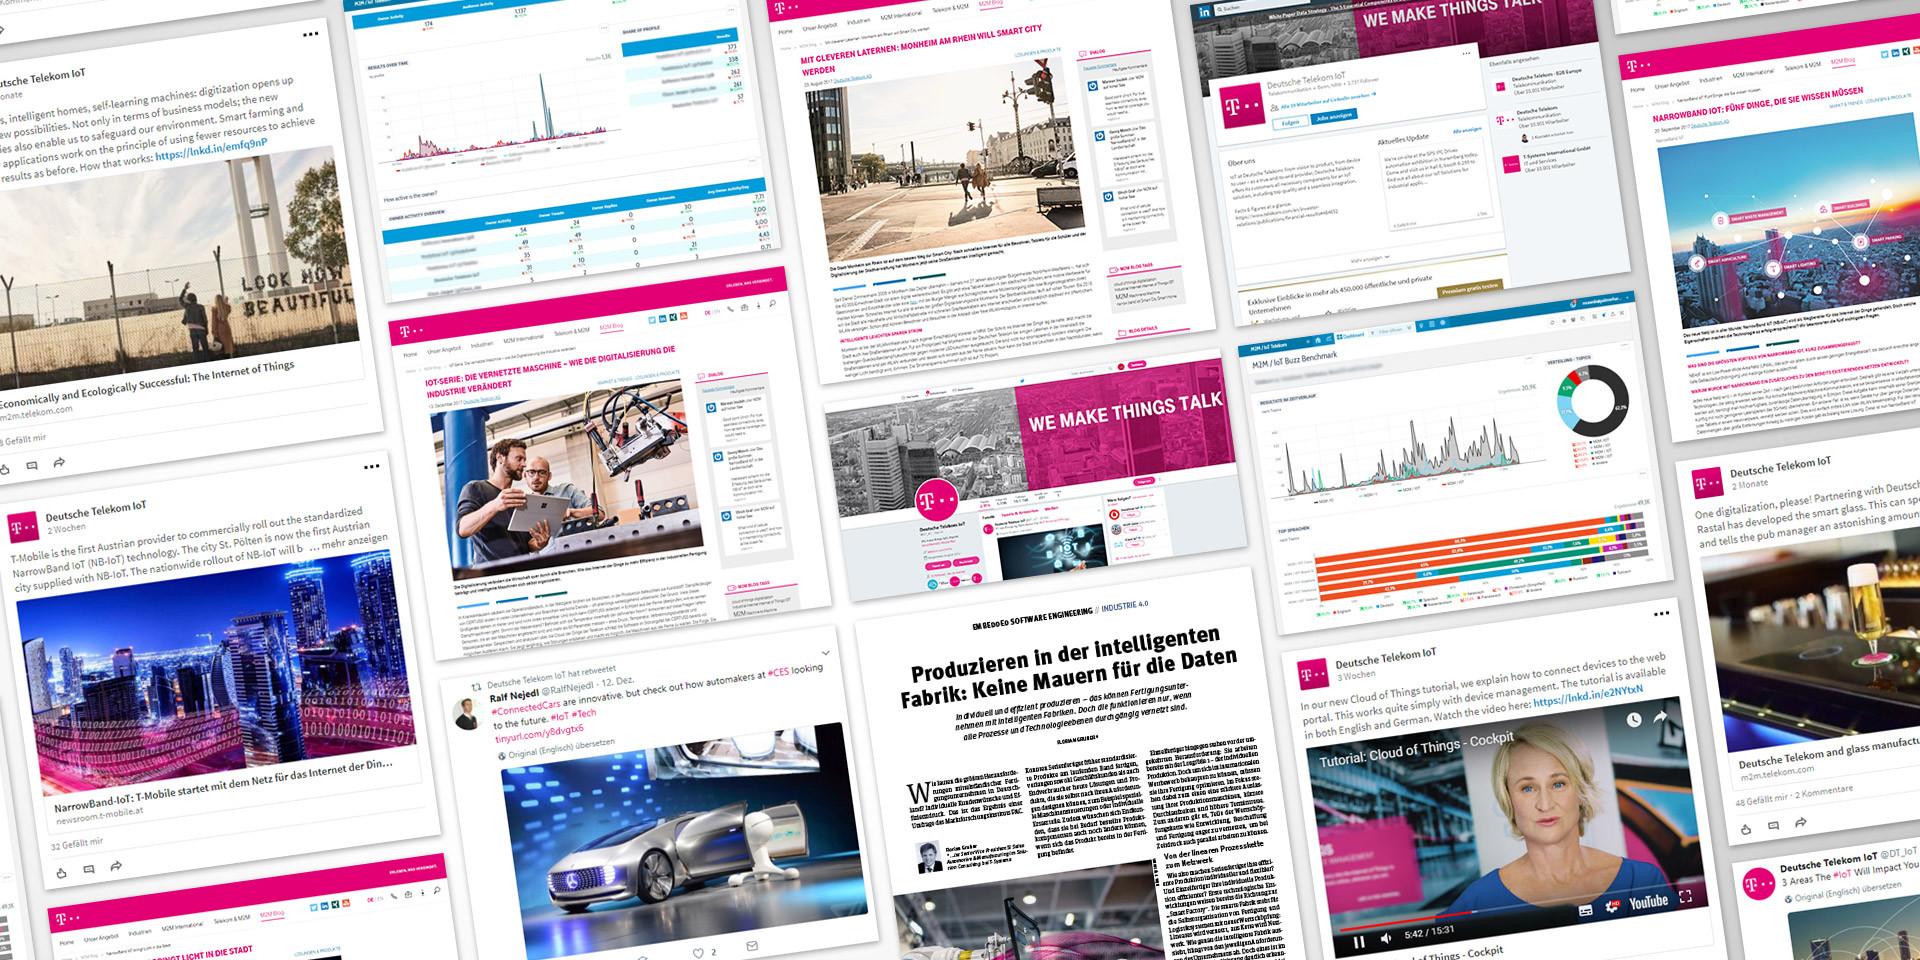 Deutsche Telekom IOT Media Relations